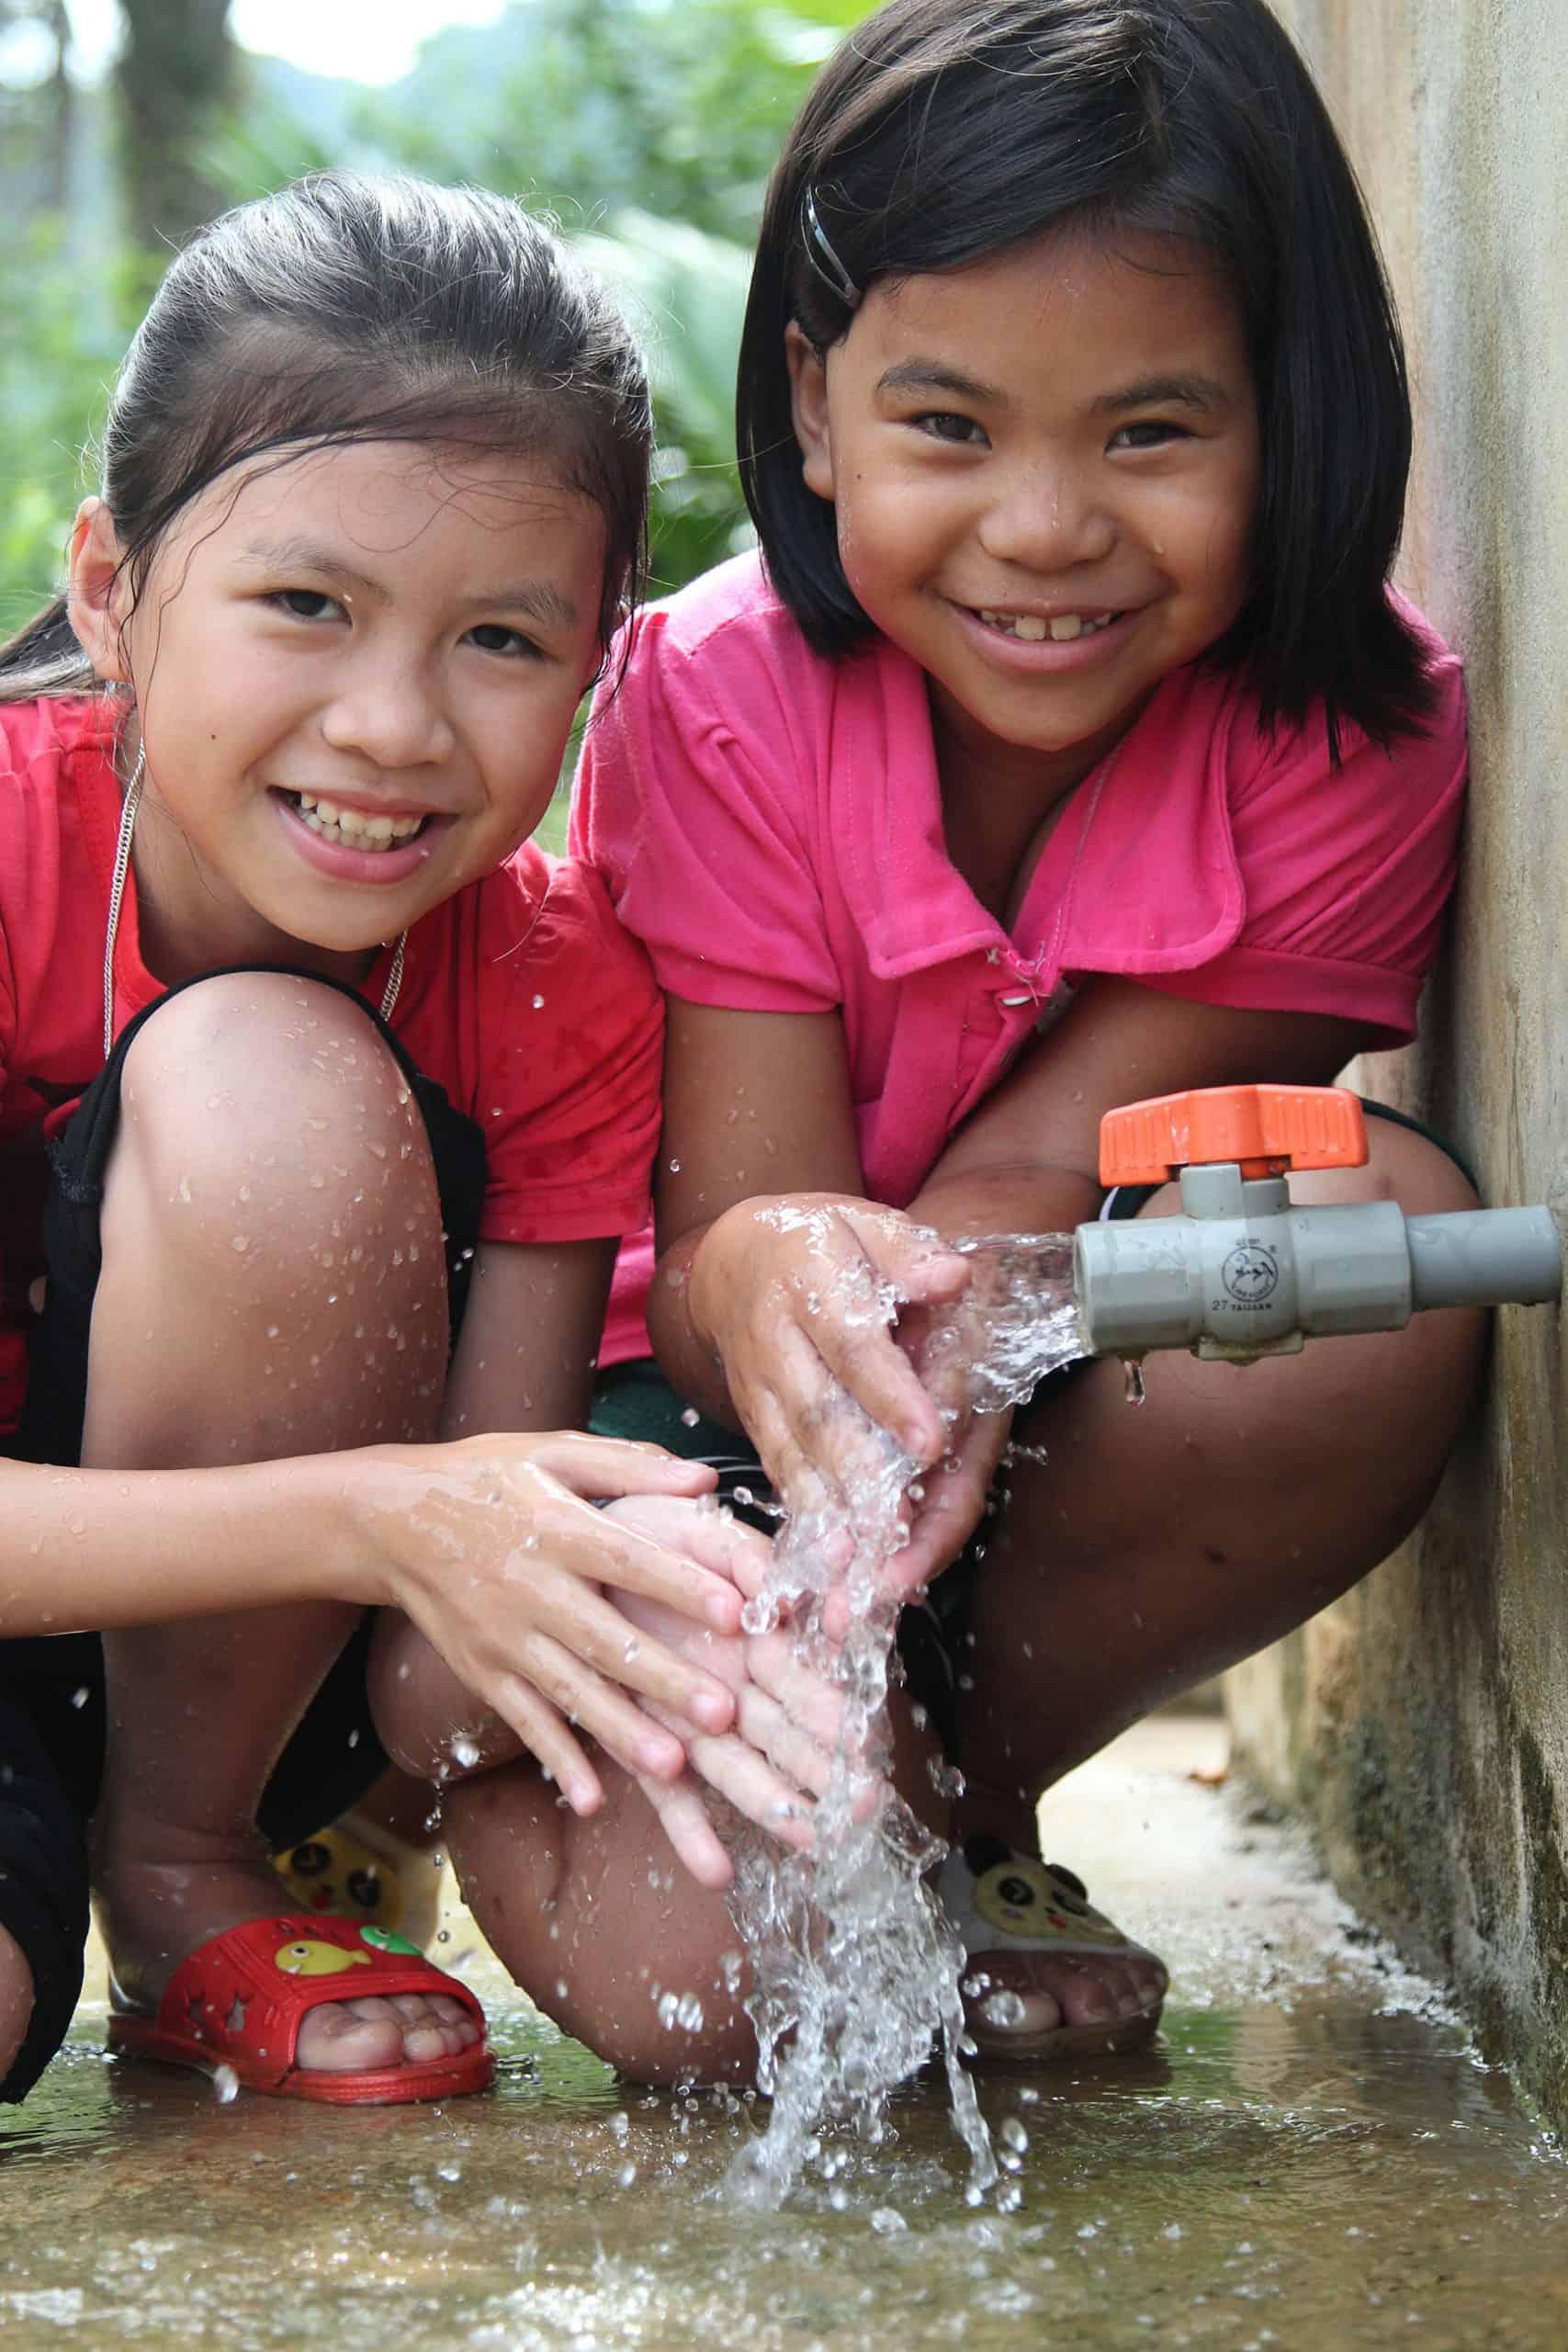 Schoon drinkwater voor de minderheidsgroepen in Vietnam - Ba Thuoc district - Dien Quang - World Vision